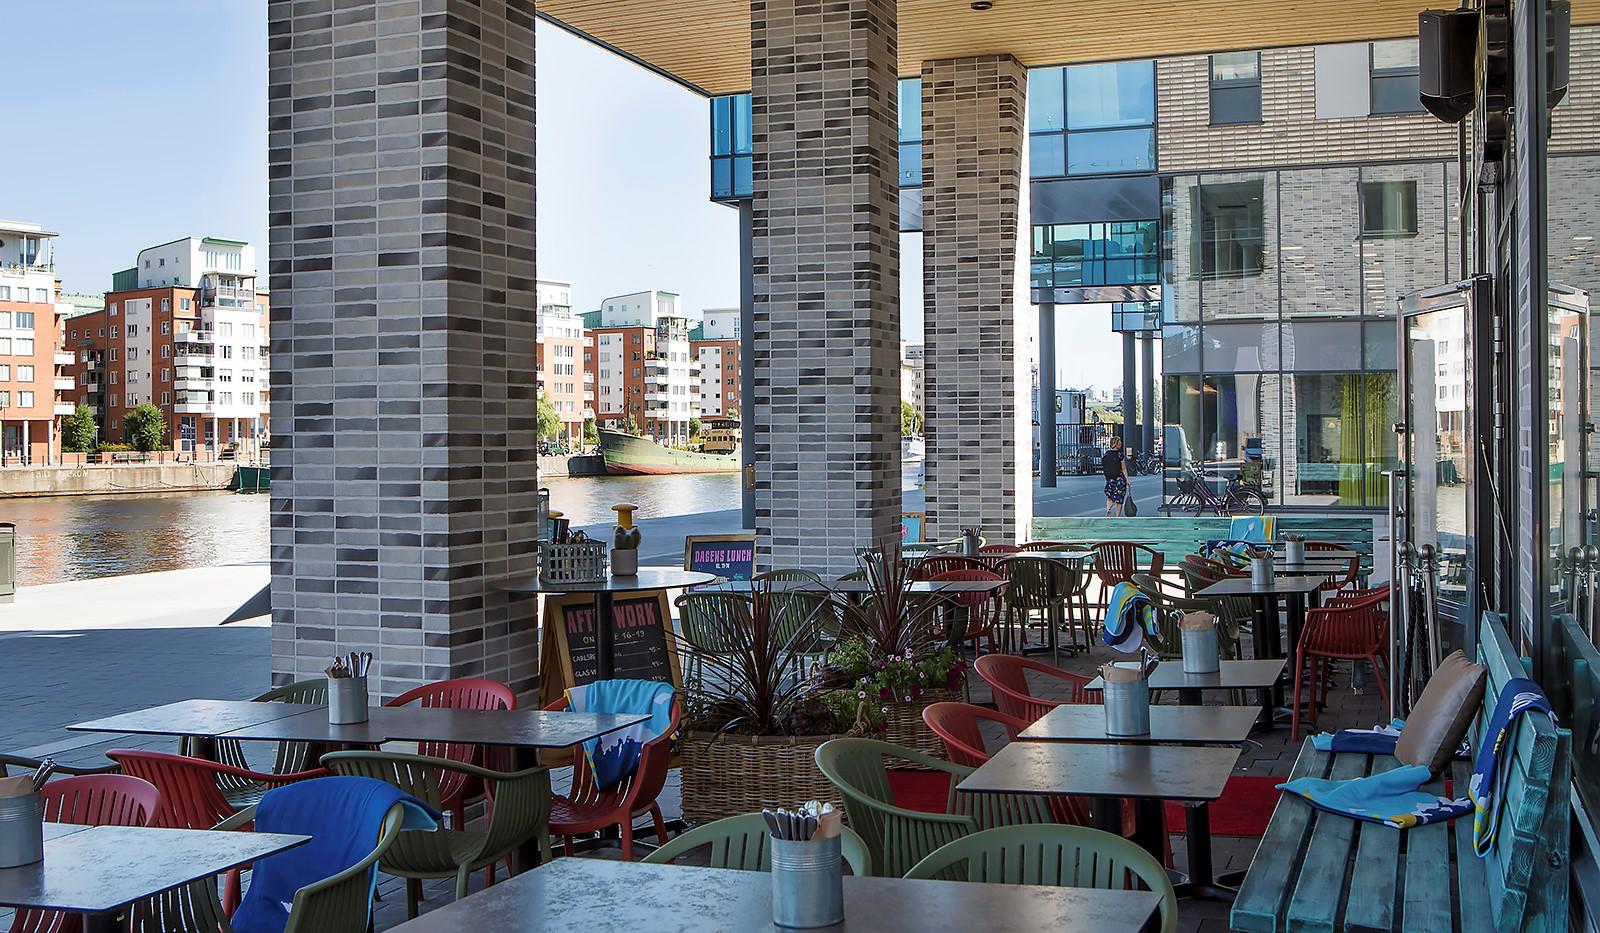 Fredriksdalsgatan 24, vån 2 - Taco Bar med uteservering beläget längs med kajen